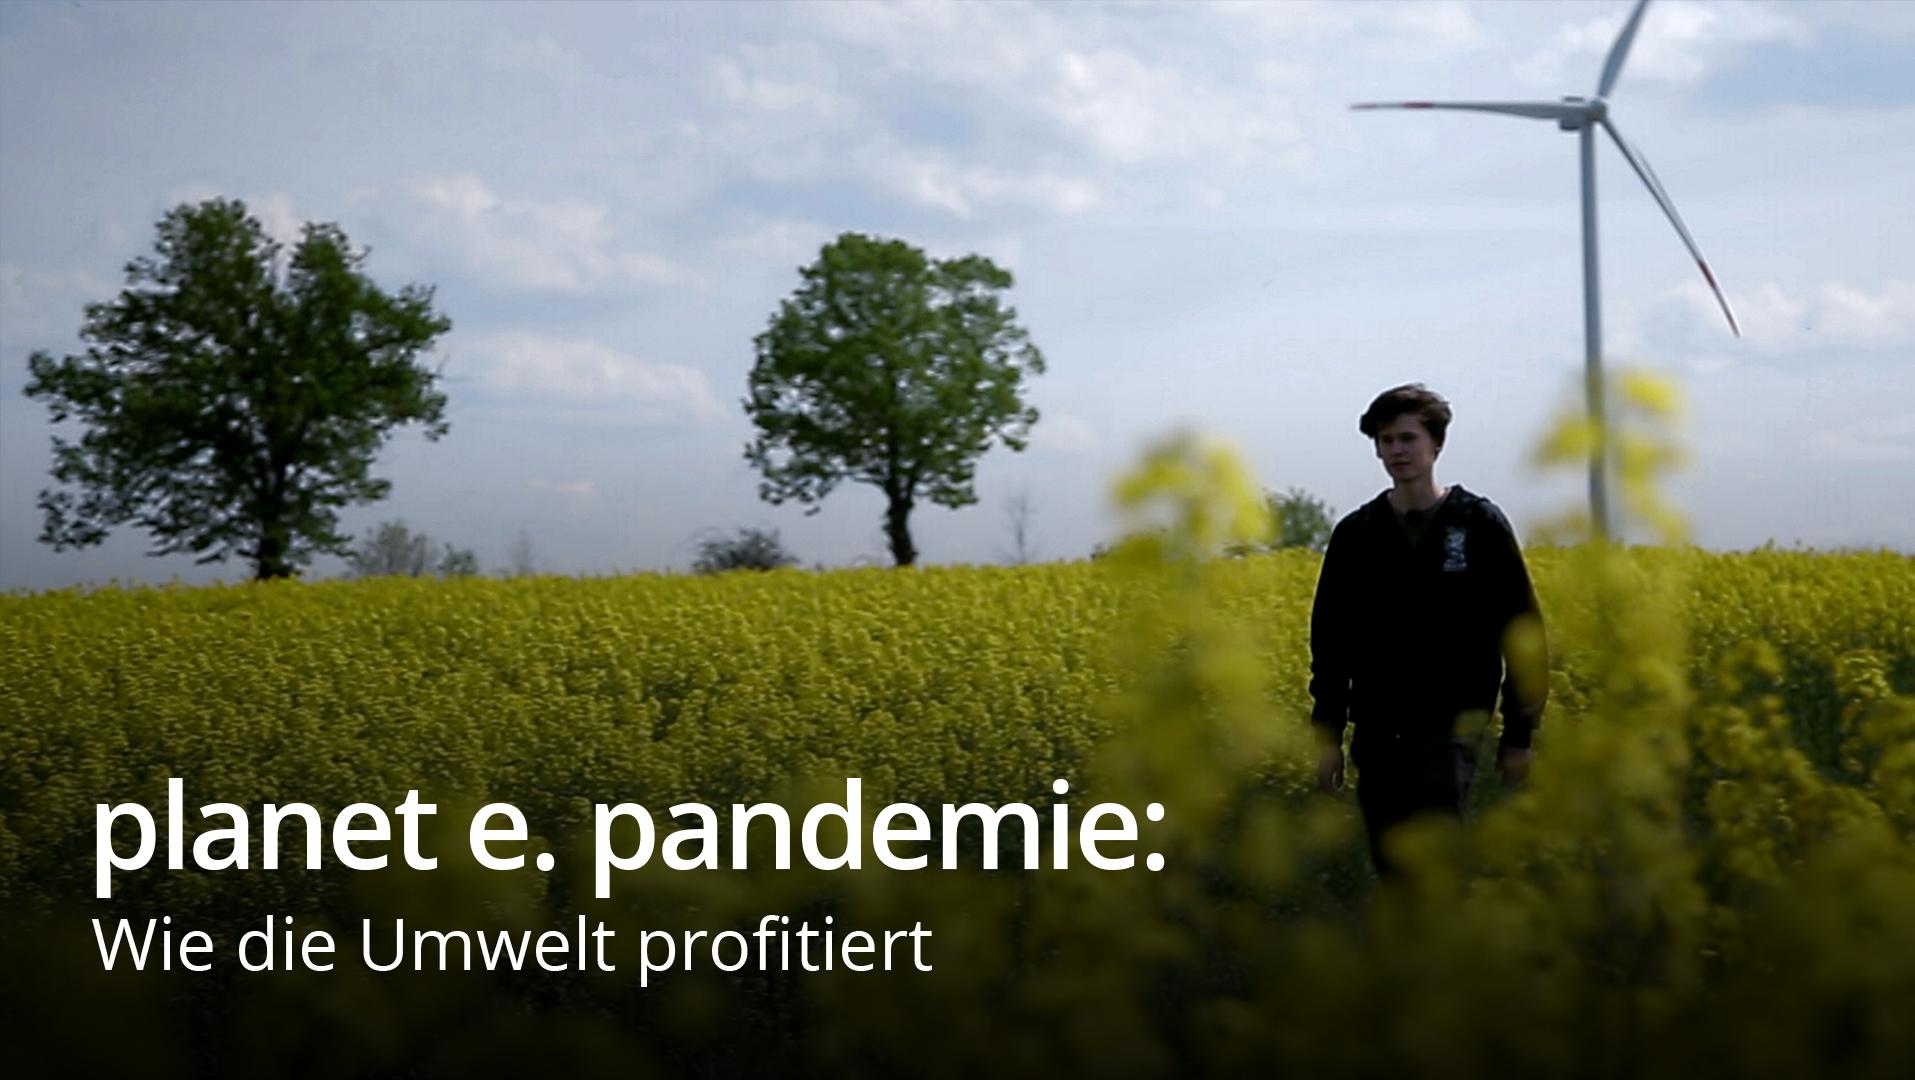 planet e. pandemie: Wie die Umwelt profitiert